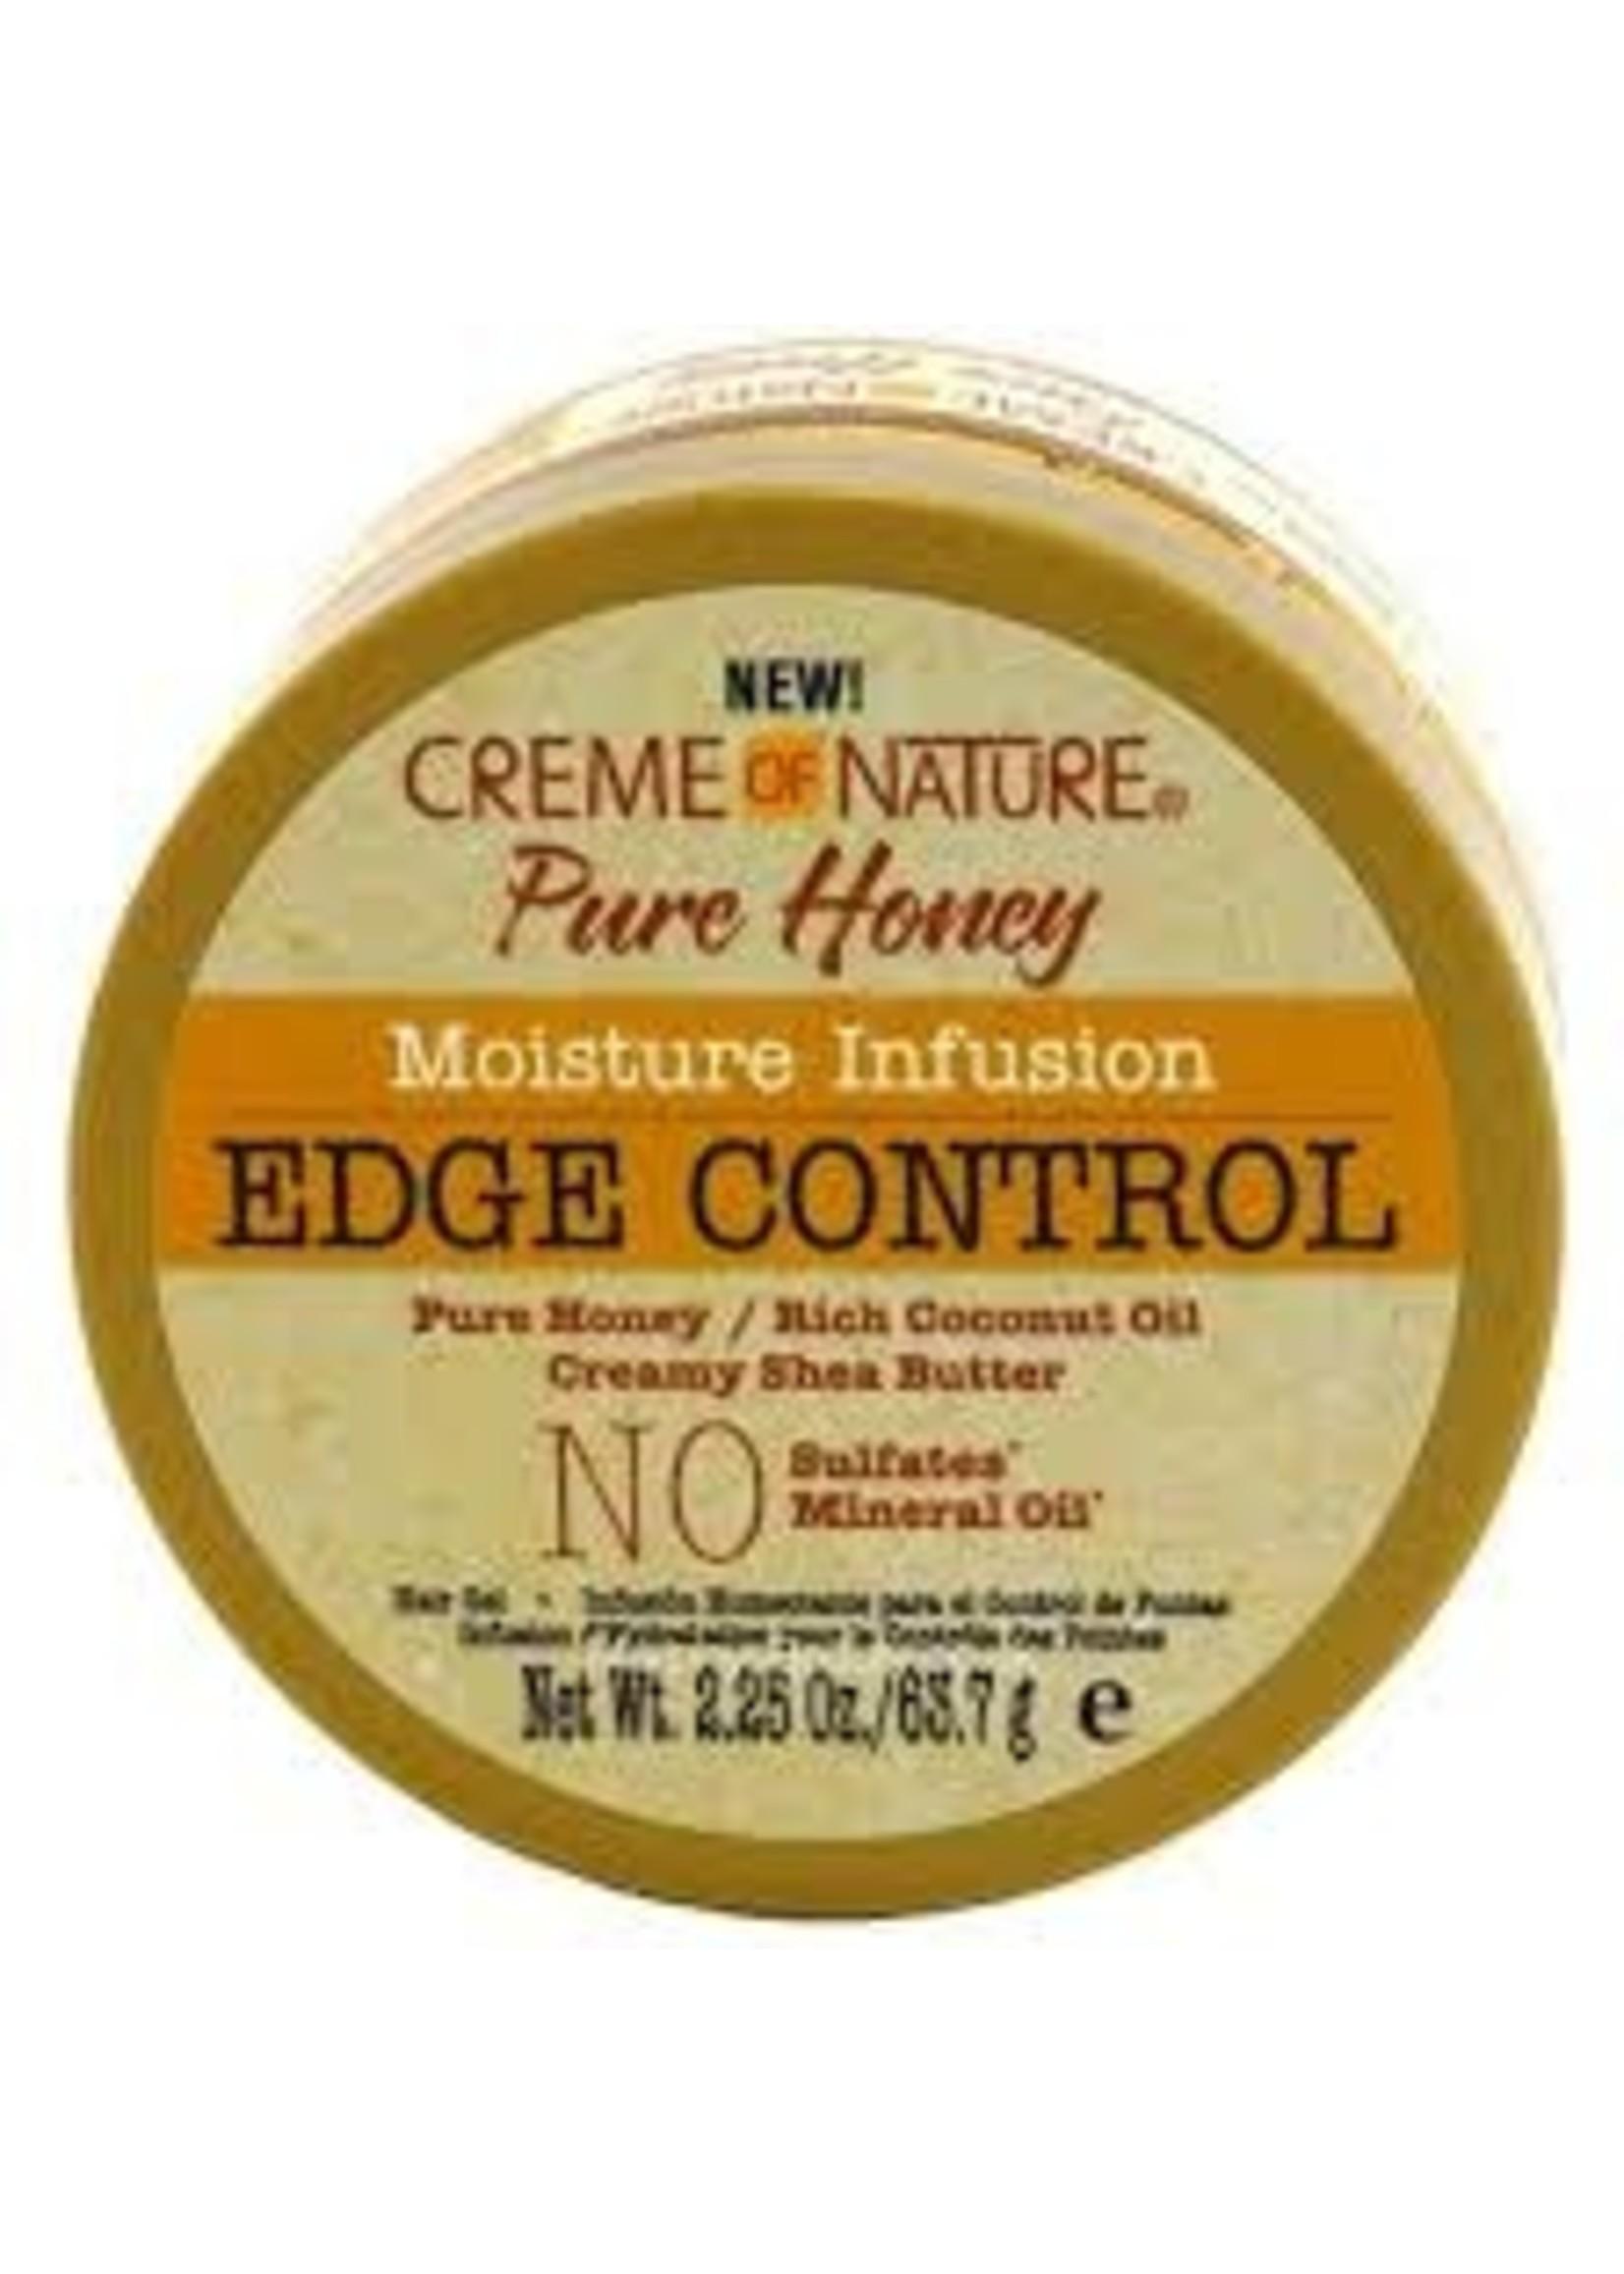 Cream of Nature Pure Honey Edge Control